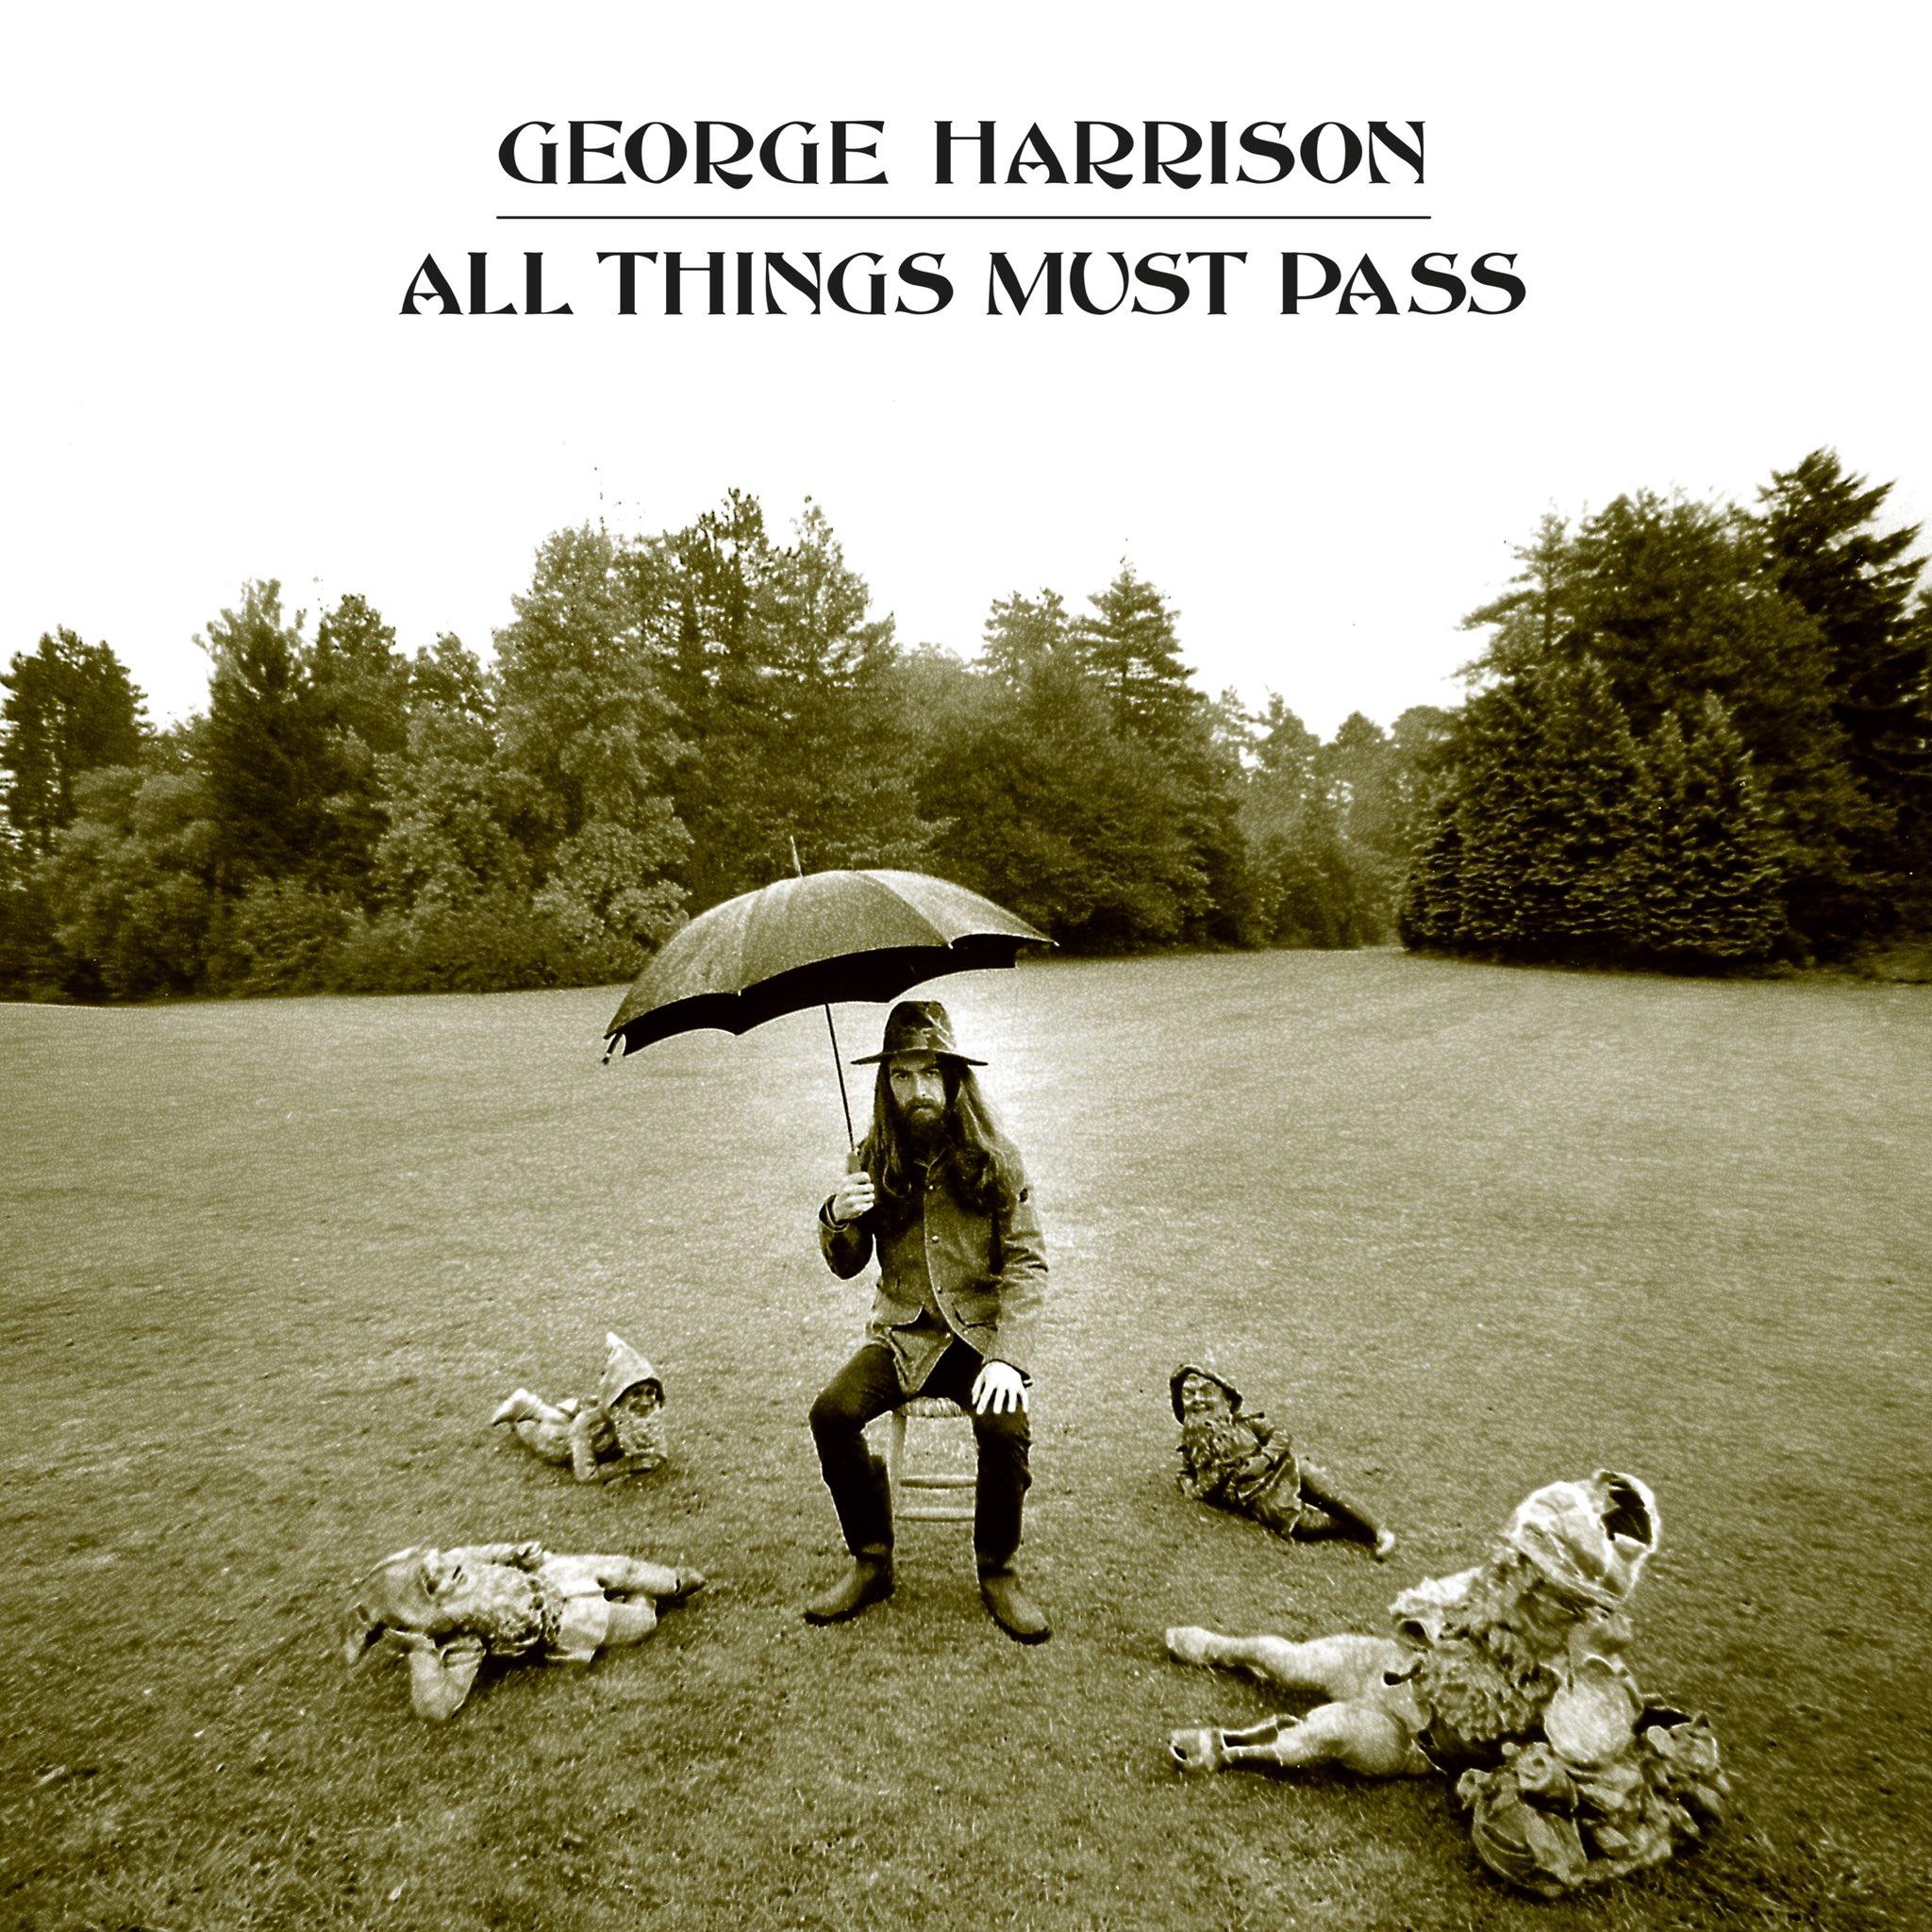 Faixa All Things Must Pass, de George Harrison, ganha nova mixagem; ouça